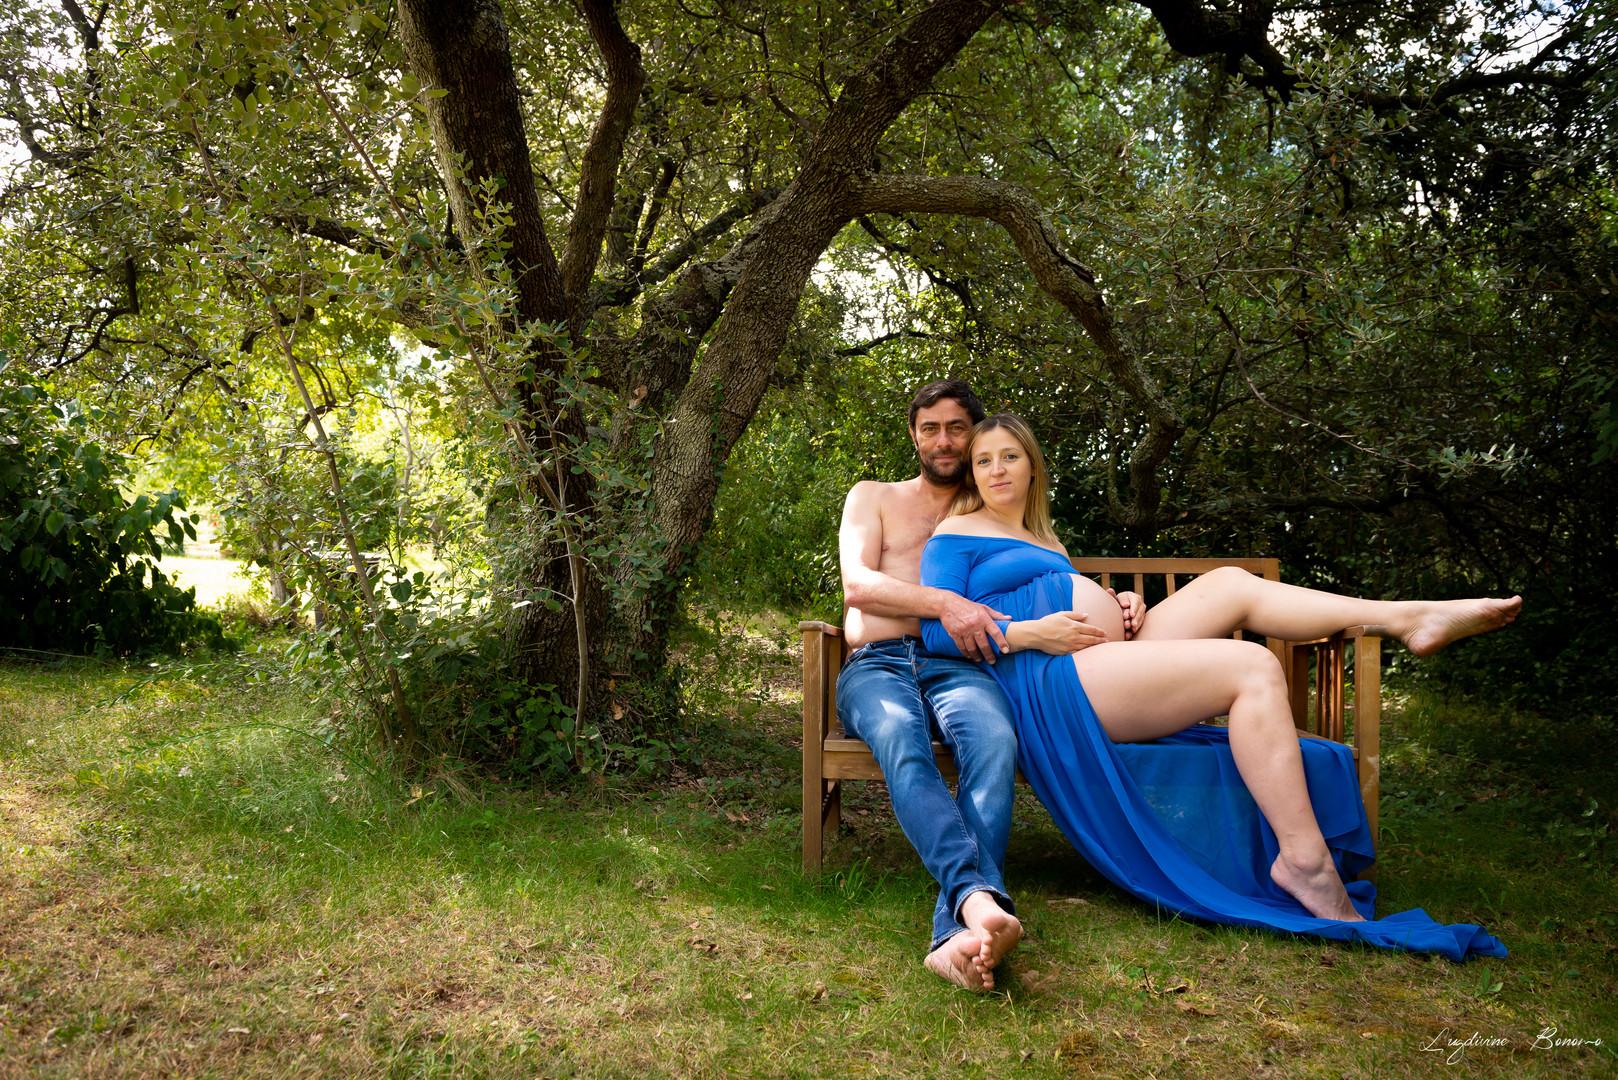 photographe extérieur nature maternité aix en provence